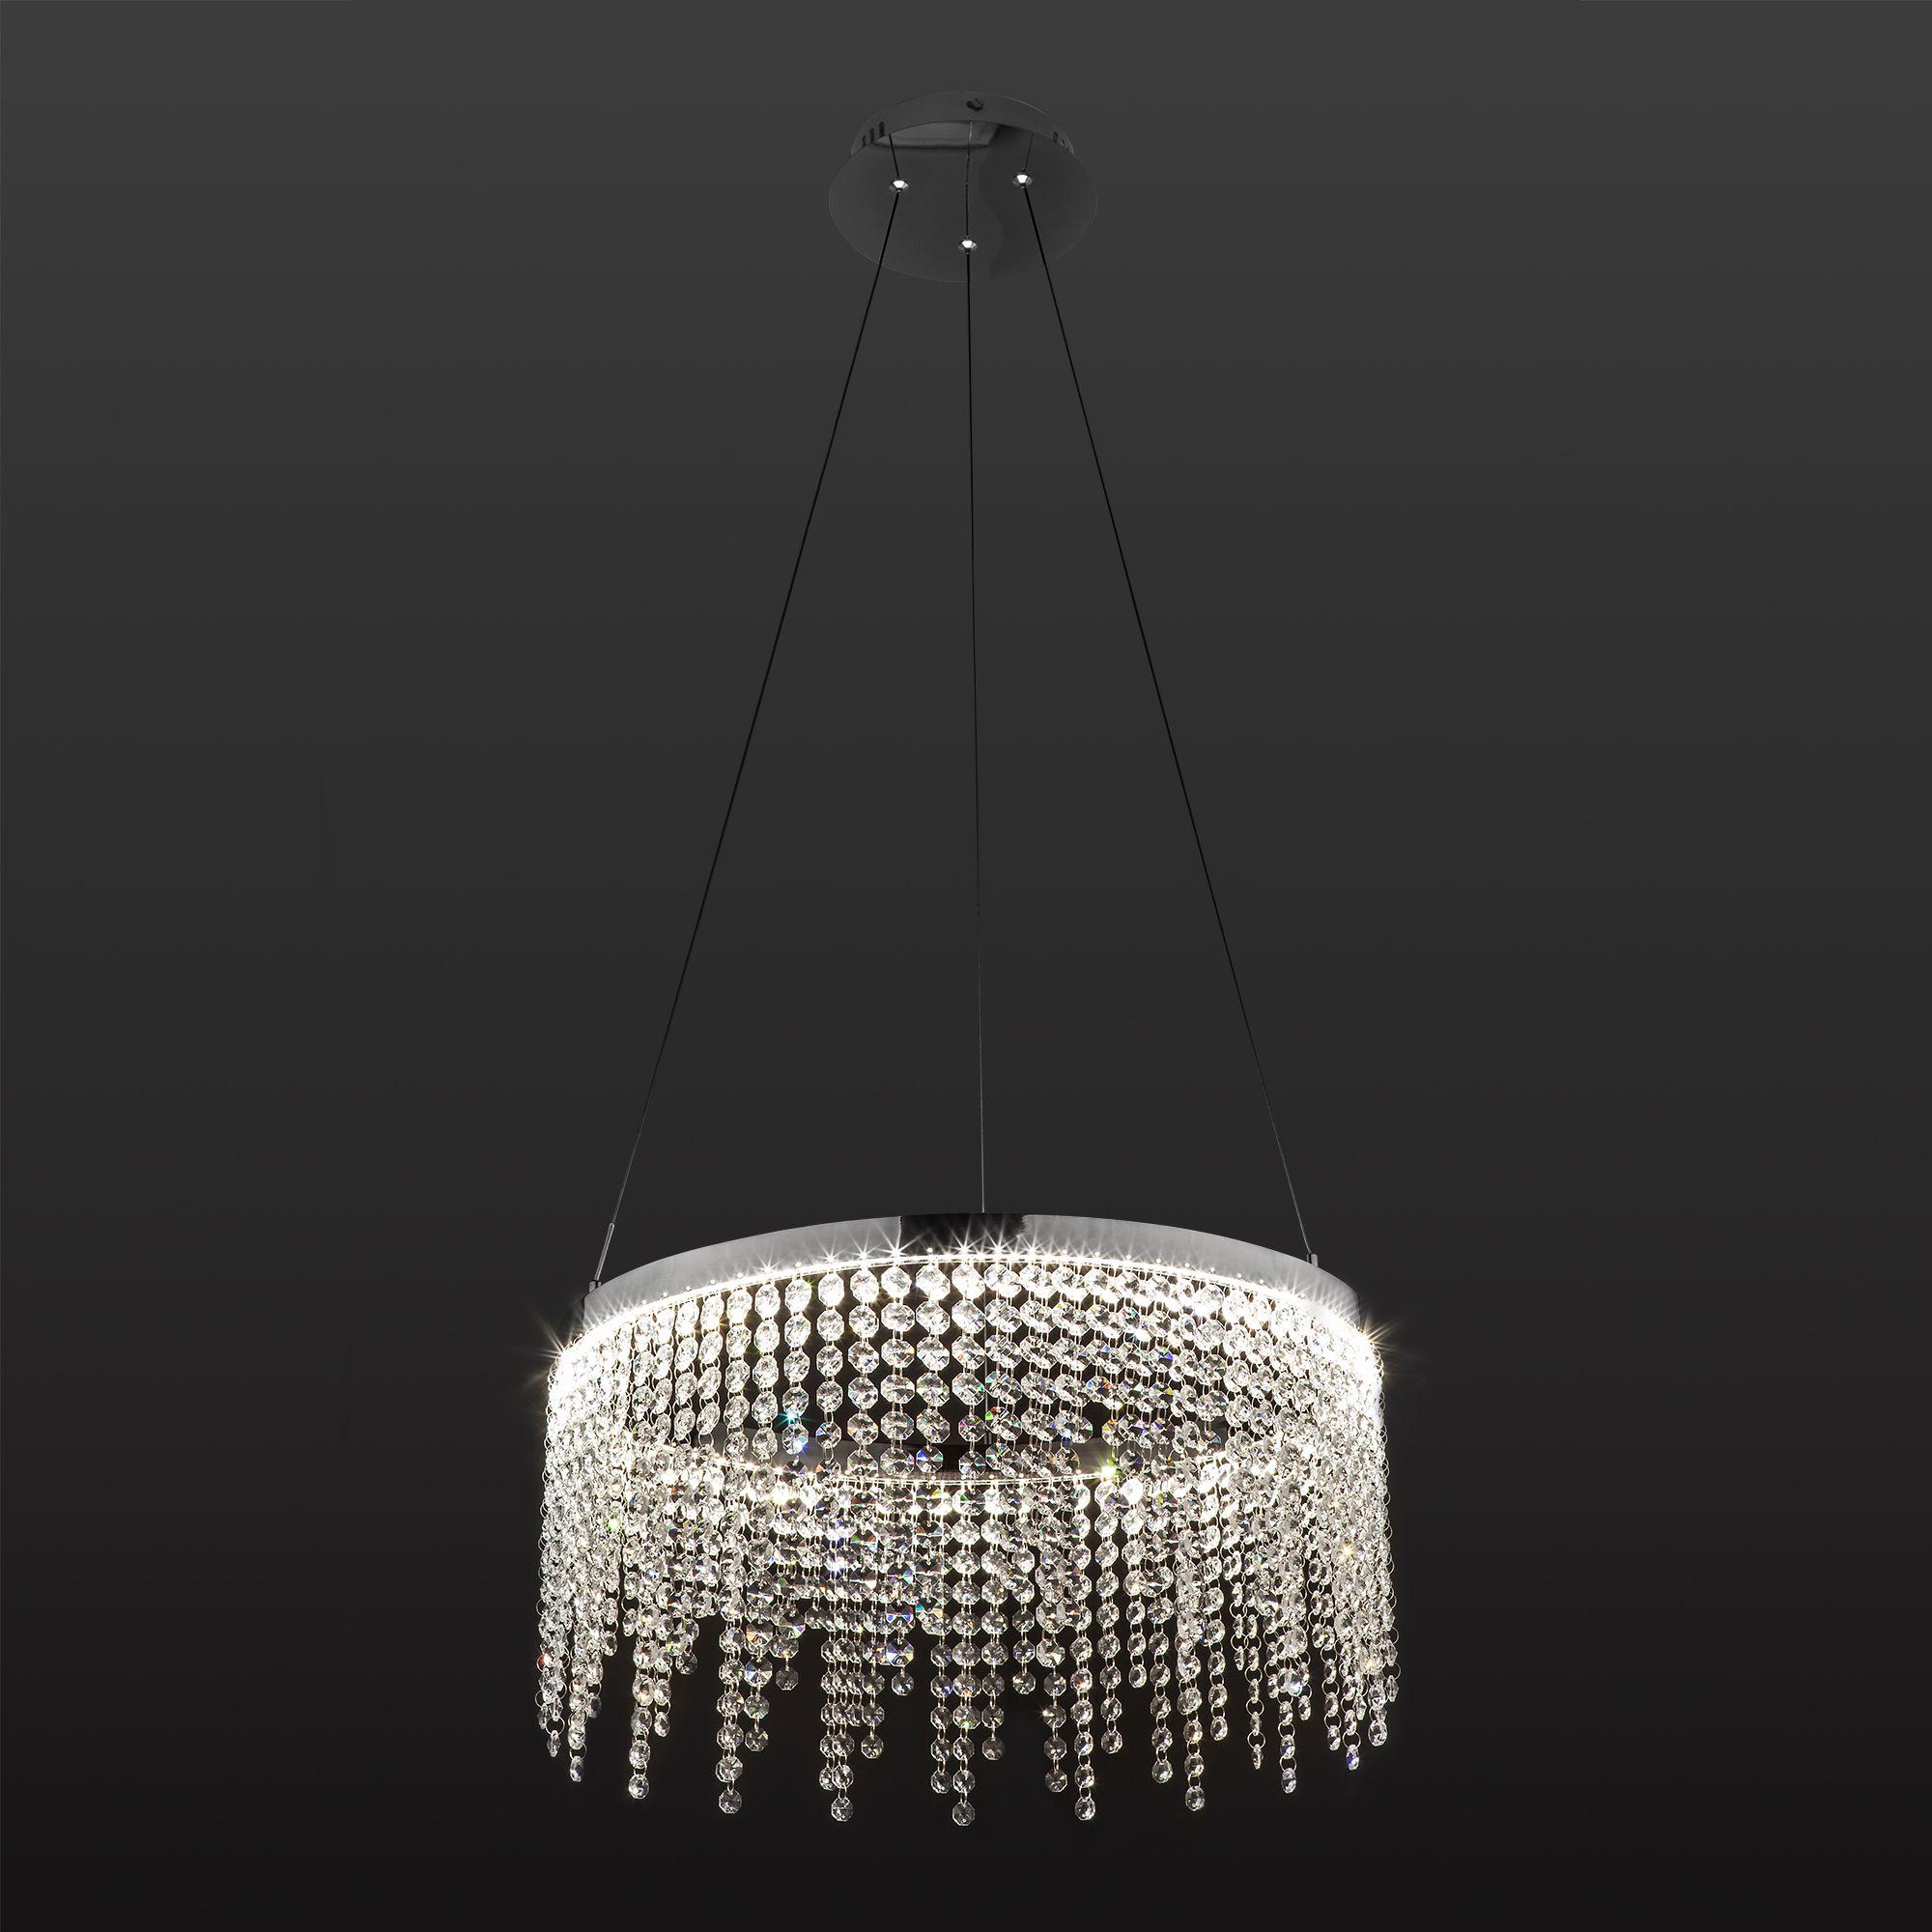 Светодиодная люстра с хрусталем 90050/1 хром